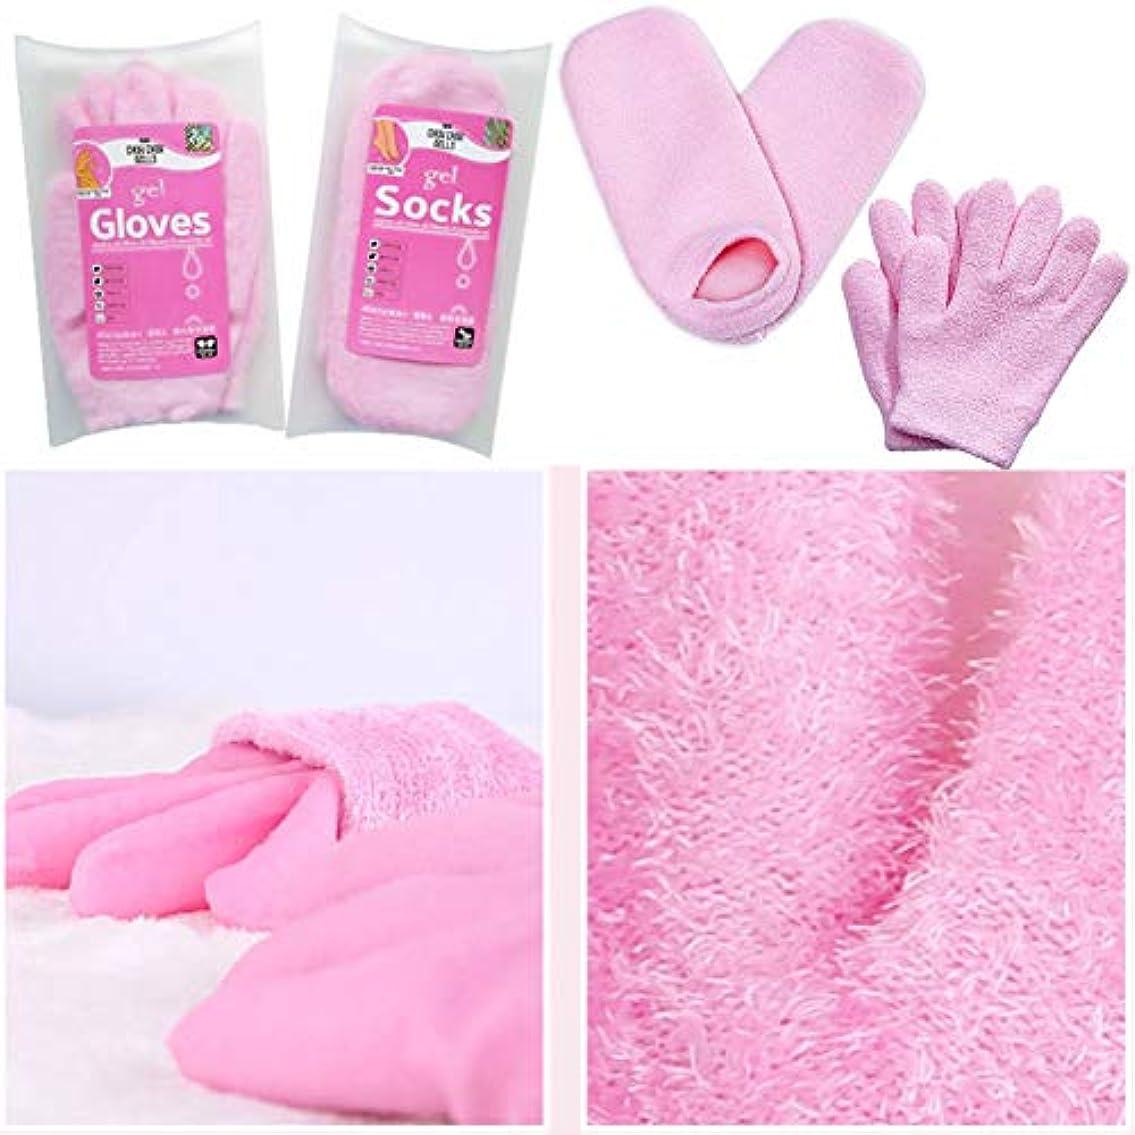 正確パールストリームTerGOOSE 美容 保湿 手袋 ゲル 靴下 モイスチャライジングジェルグローブ 手荒れ対策 保湿ケア フット ハンドケア用 便利 ピンク